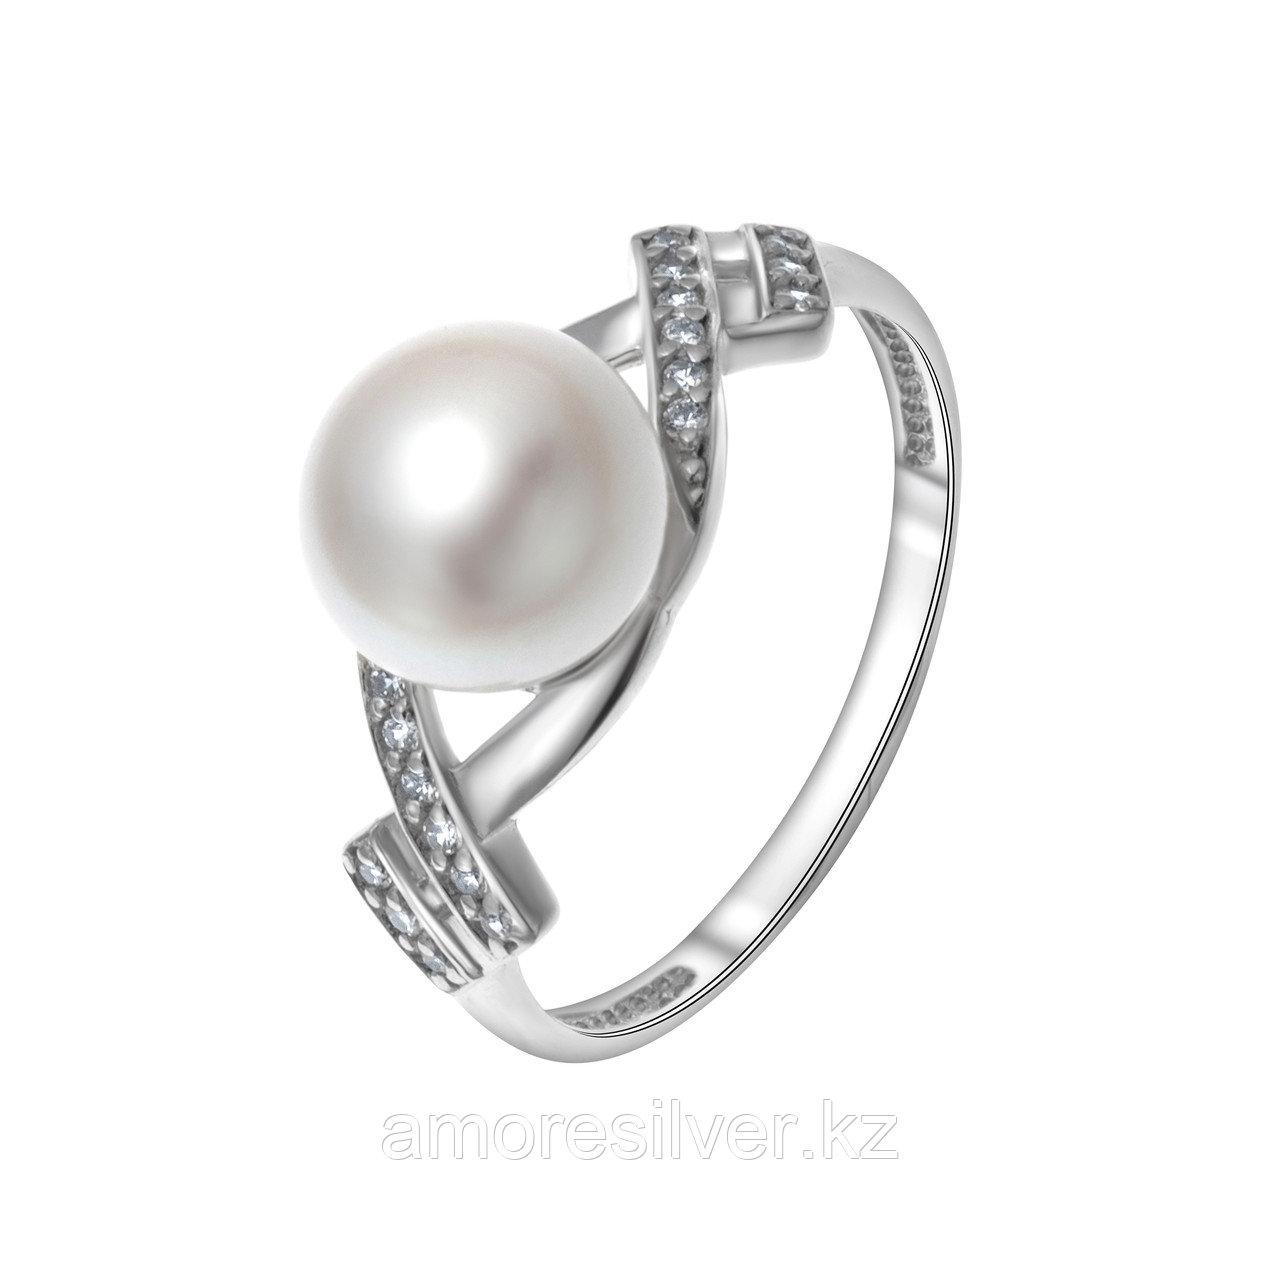 Кольцо TEOSA серебро с родием, жемчуг культ. фианит, ажурное 190-9-819Р размеры - 17 17,5